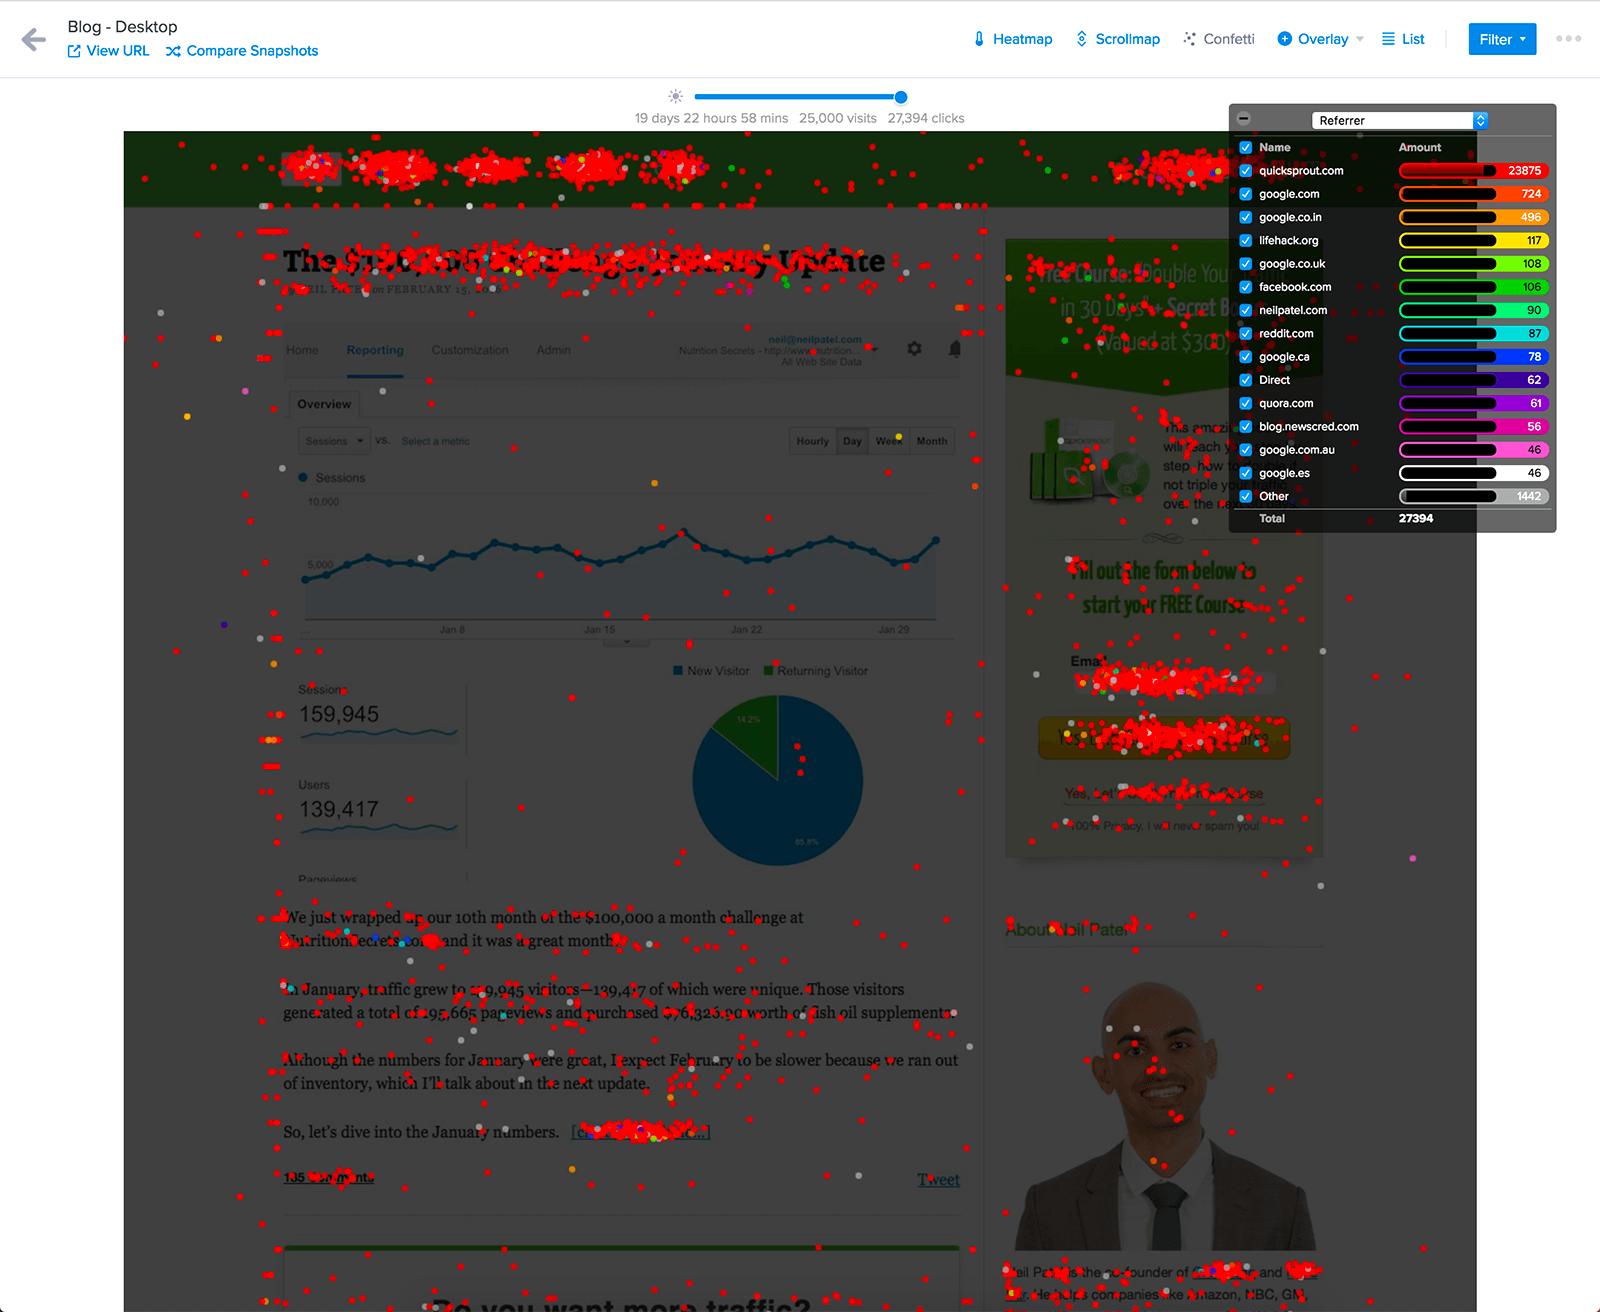 screenshot confetti